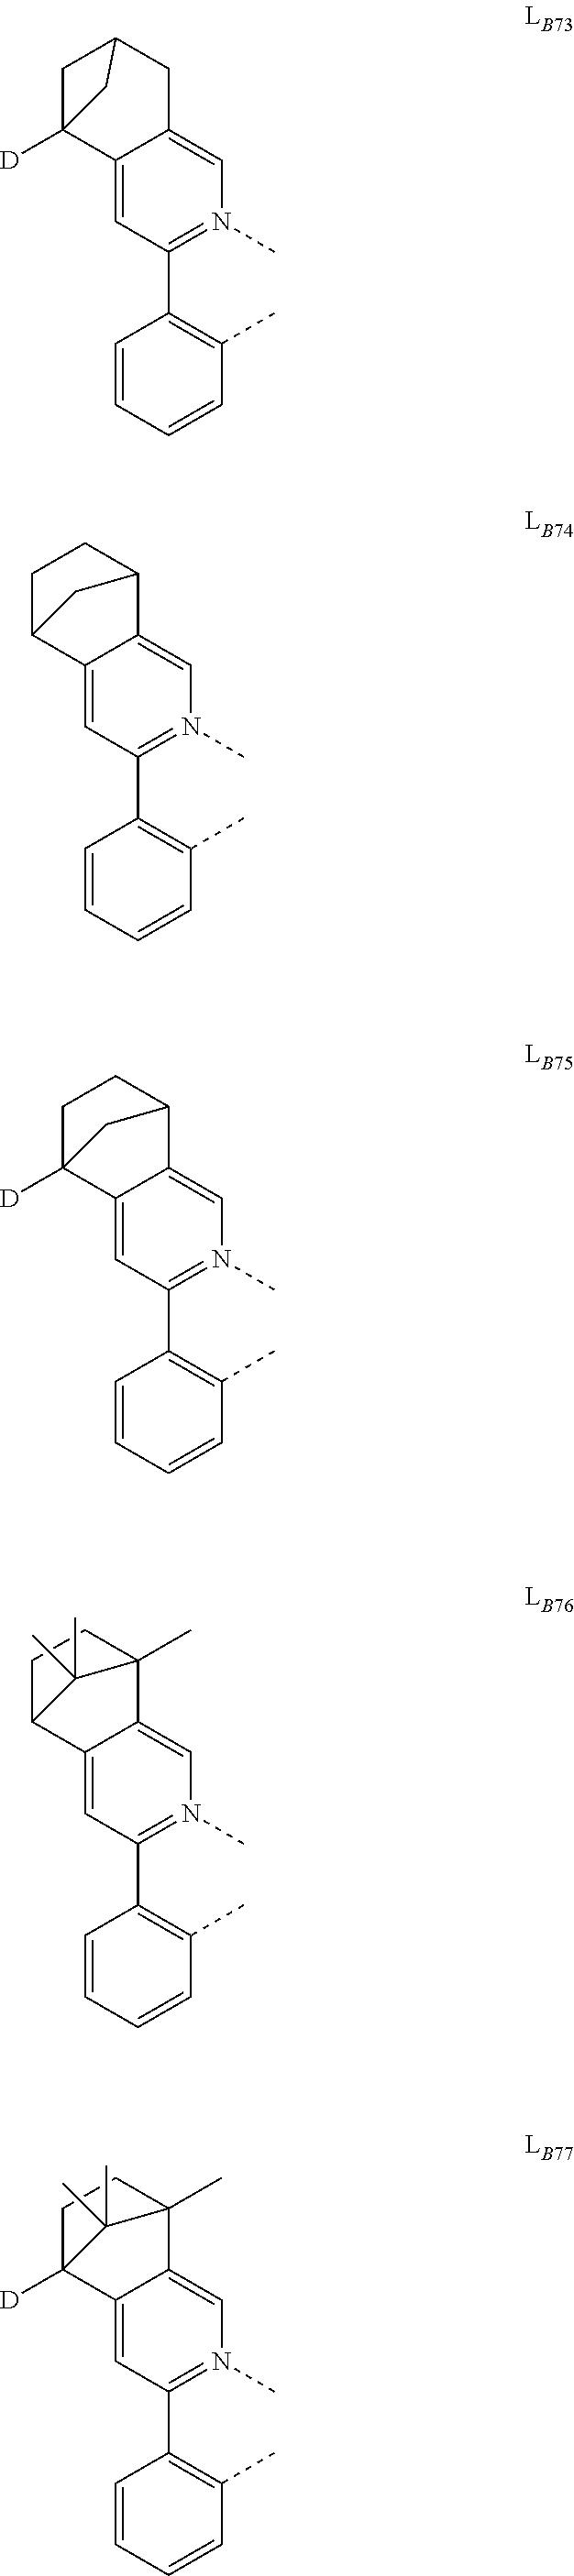 Figure US09929360-20180327-C00051